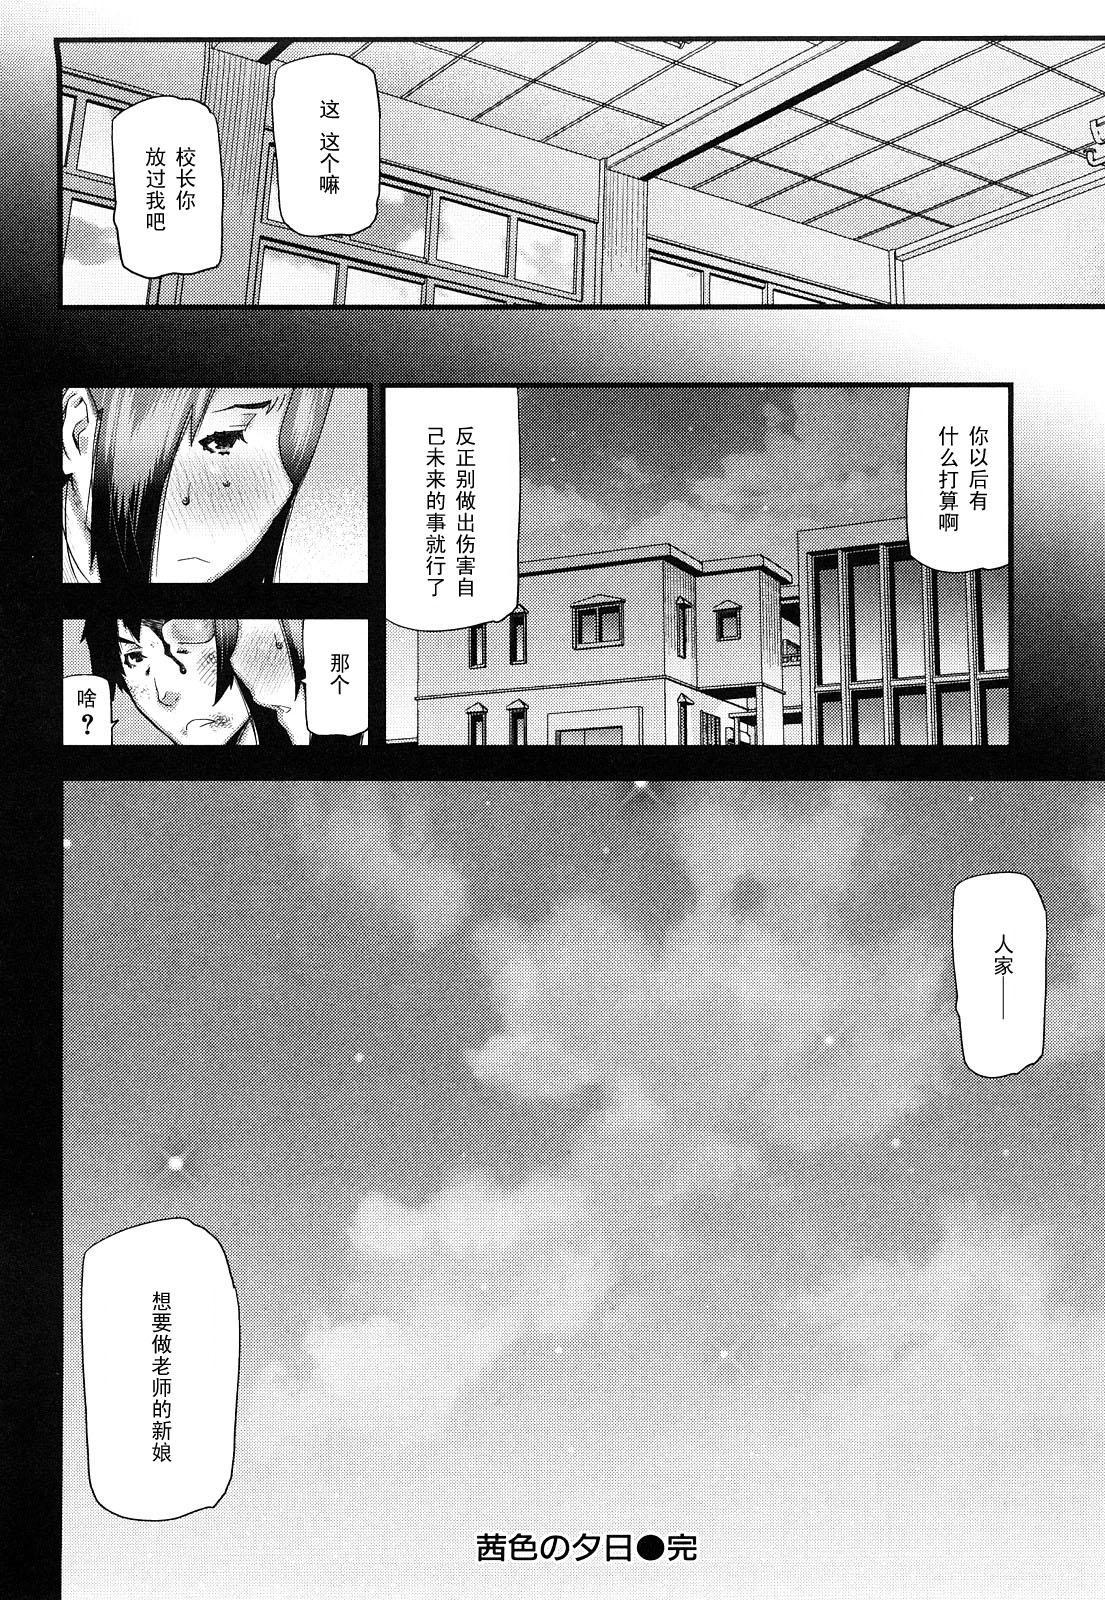 Akaneiro no Yuuhi 17